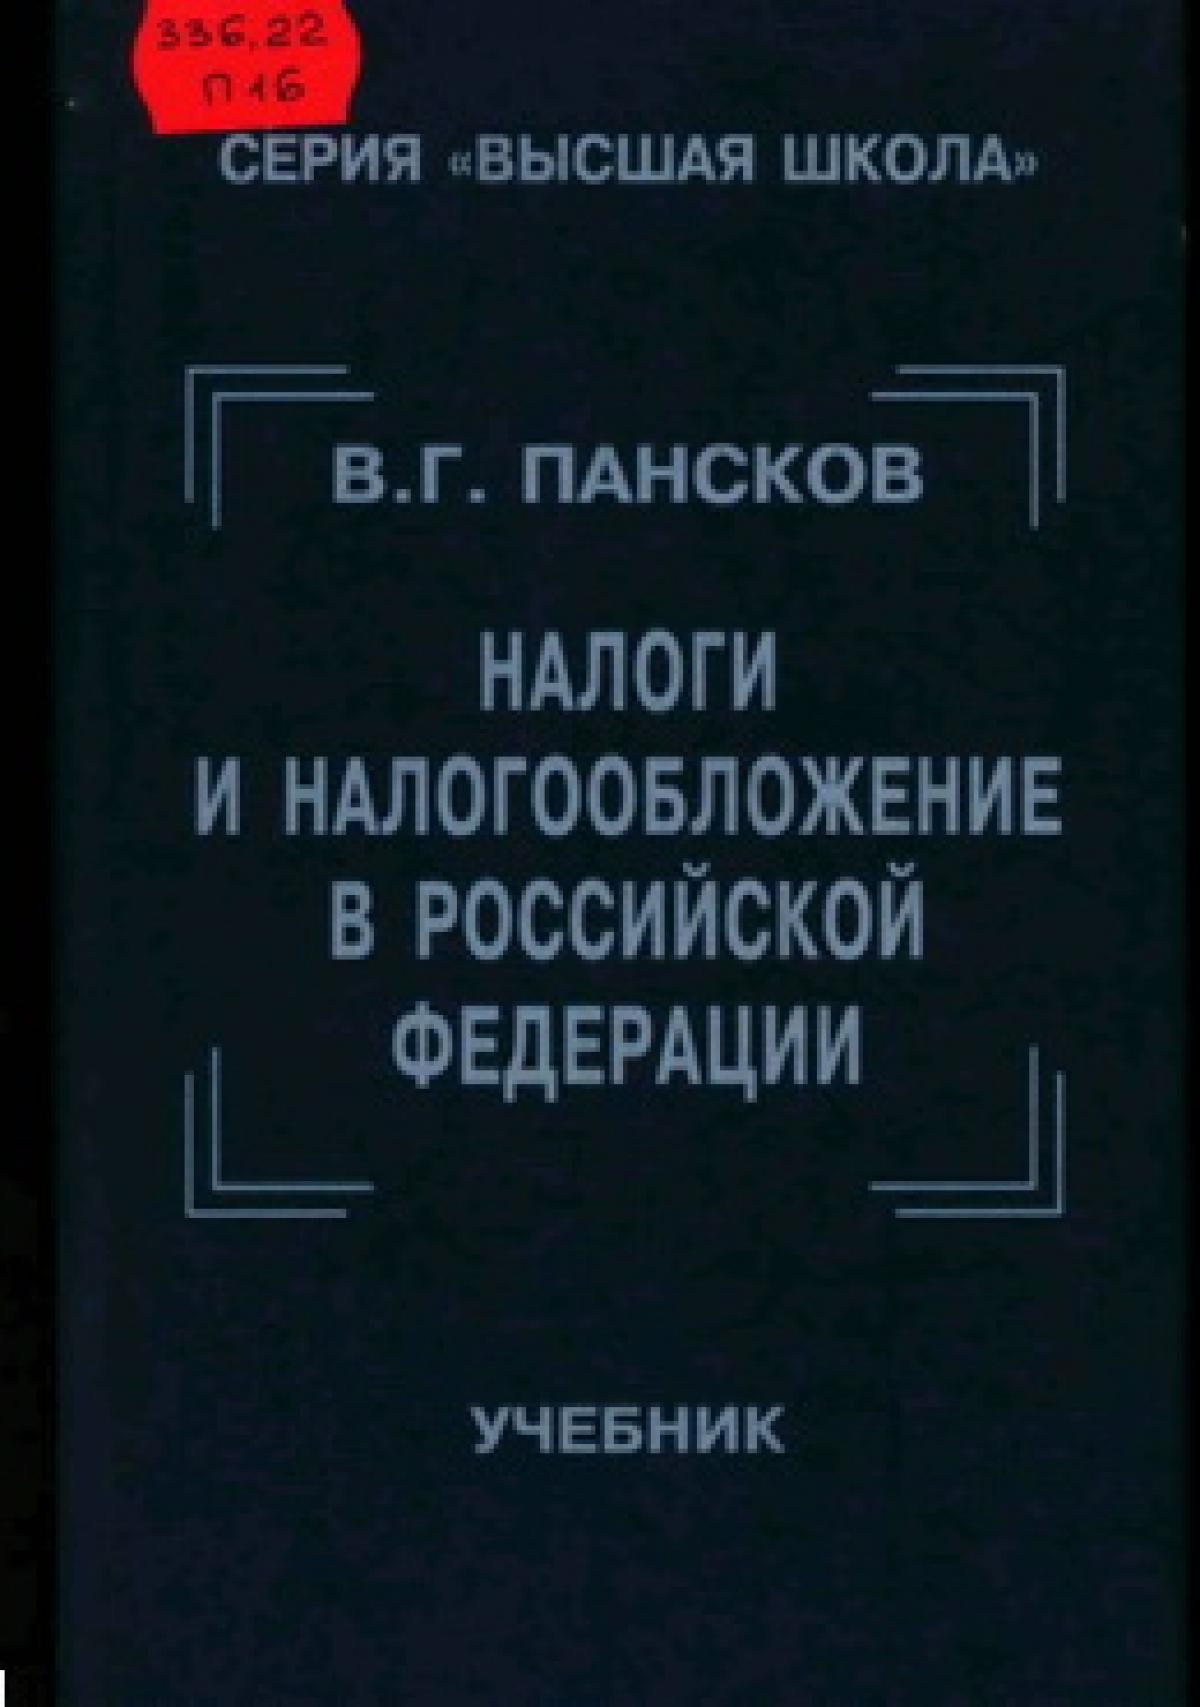 Обложка книги:  пансков в.г. - налоги и налогообложение в российской федерации